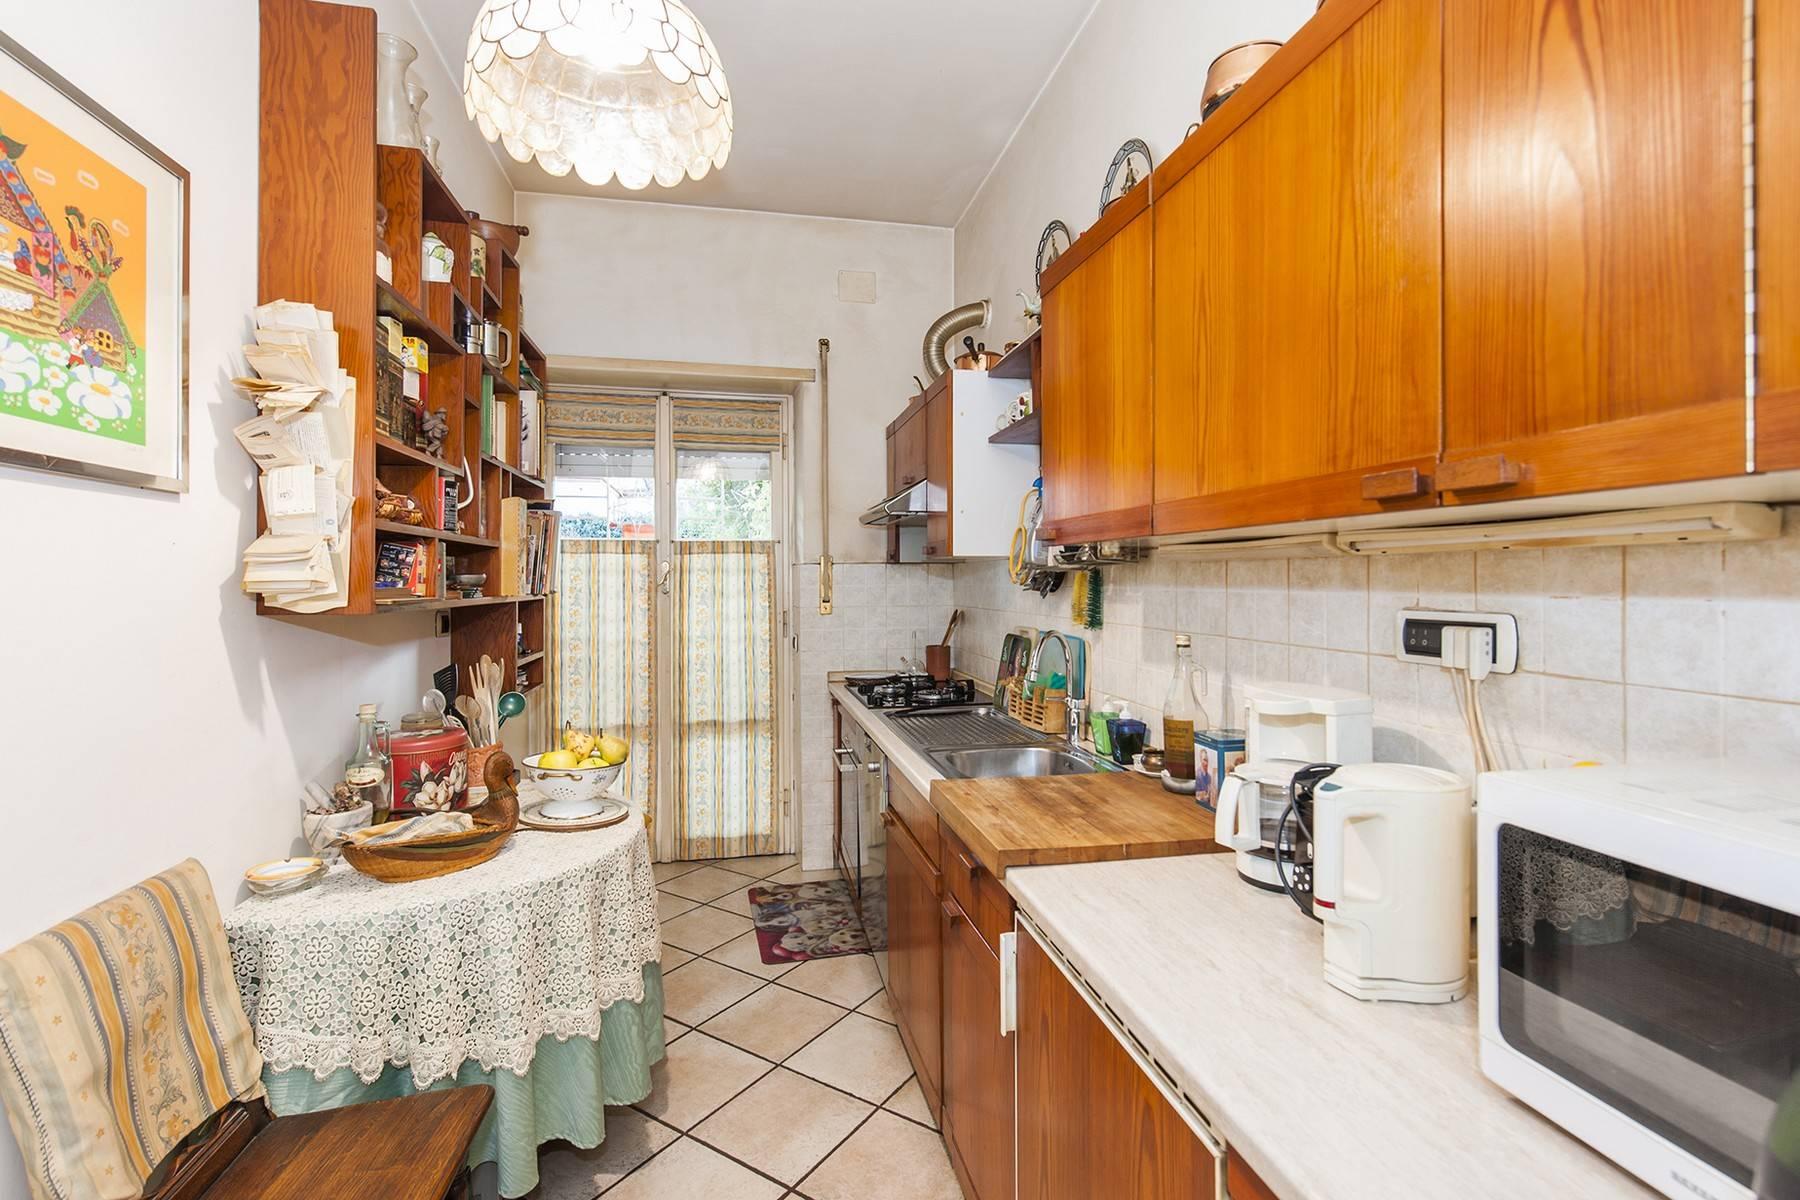 Appartamento con giardino nei pressi dell'Appia Antica - 14